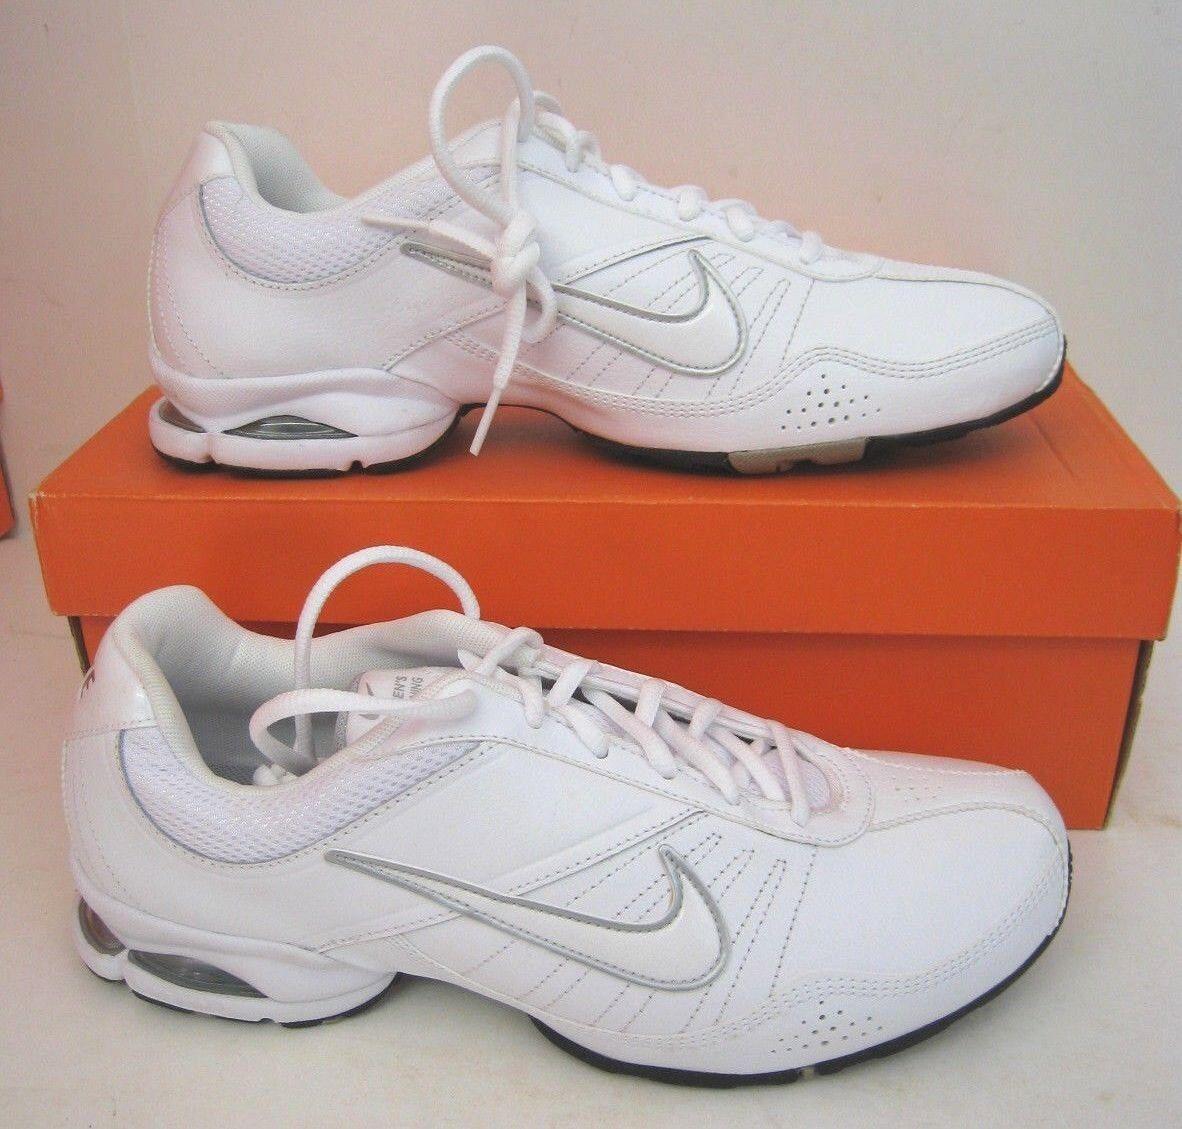 nuove nuove nuove nike donne doppia fusione run 2 azioni di formazione scarpe numero 43 56d72a